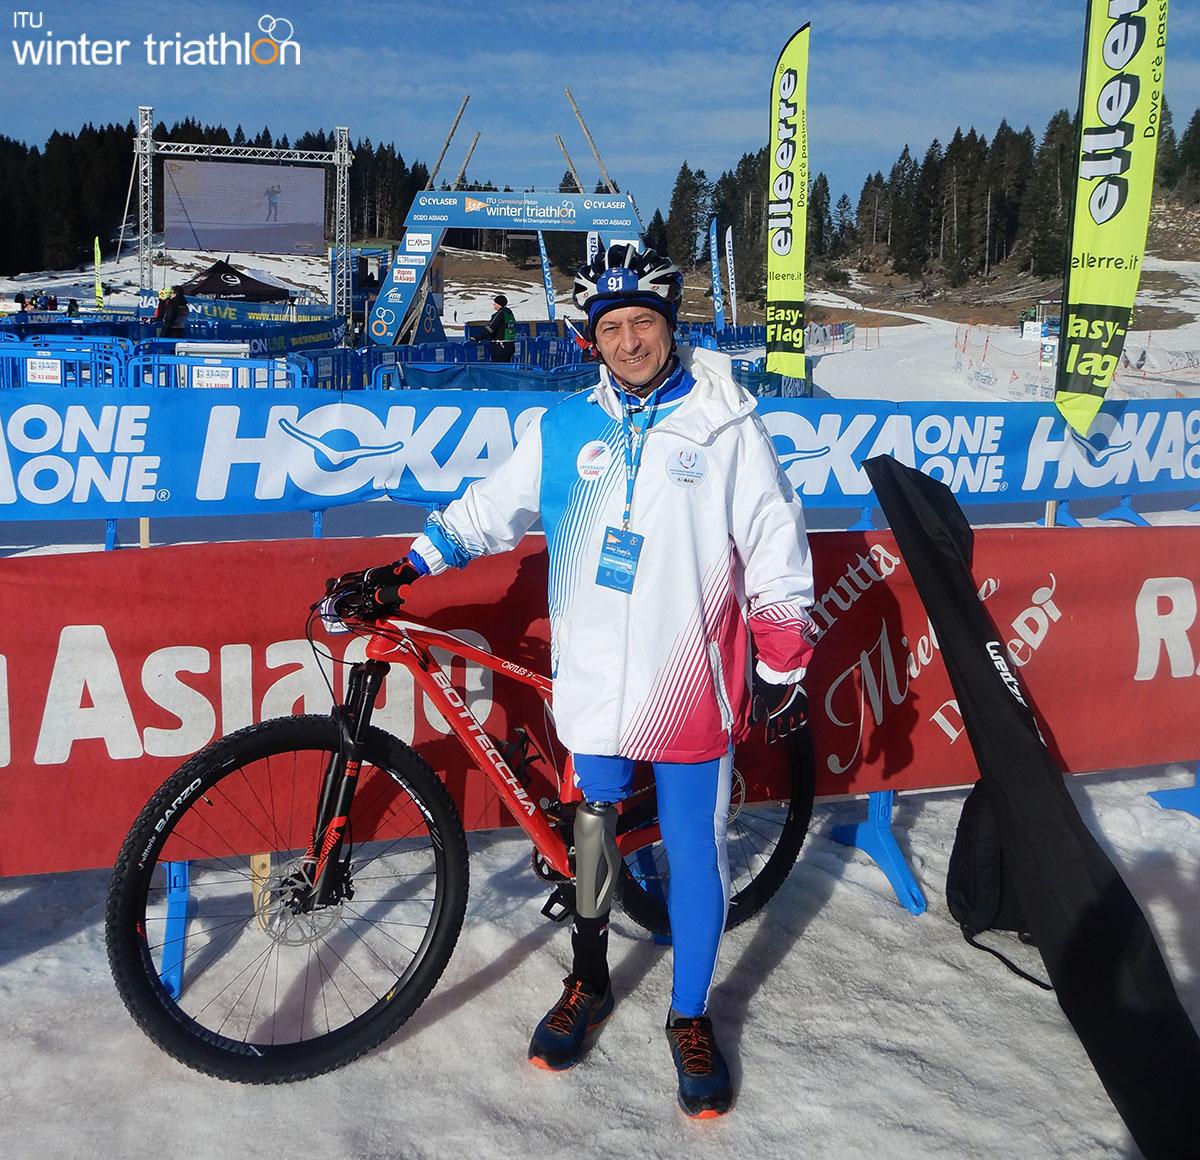 Un paratriatleta al mondiale di Winter Triathlon 2020